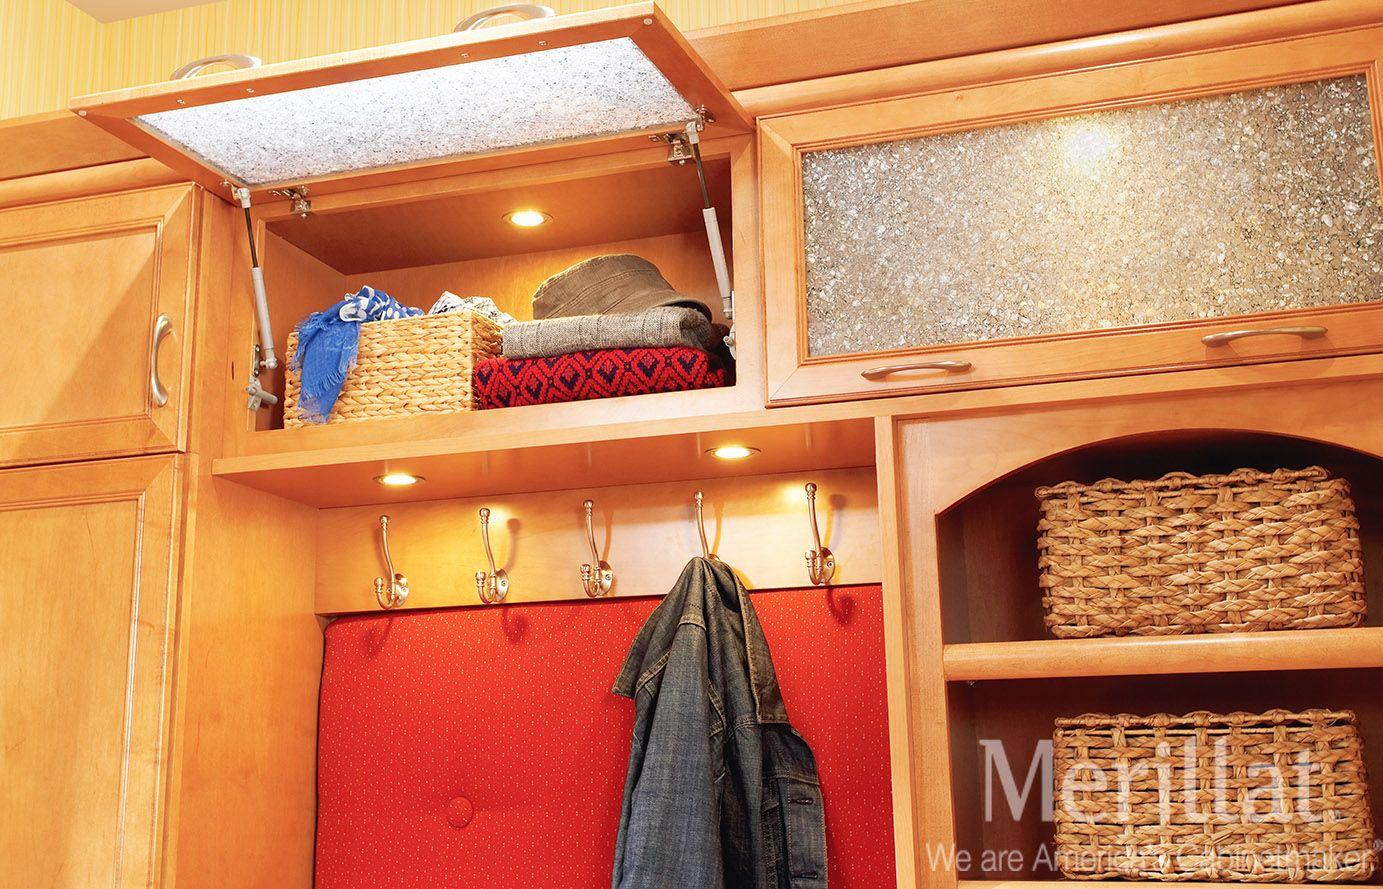 Merillat Kitchen Cabinet Hinges